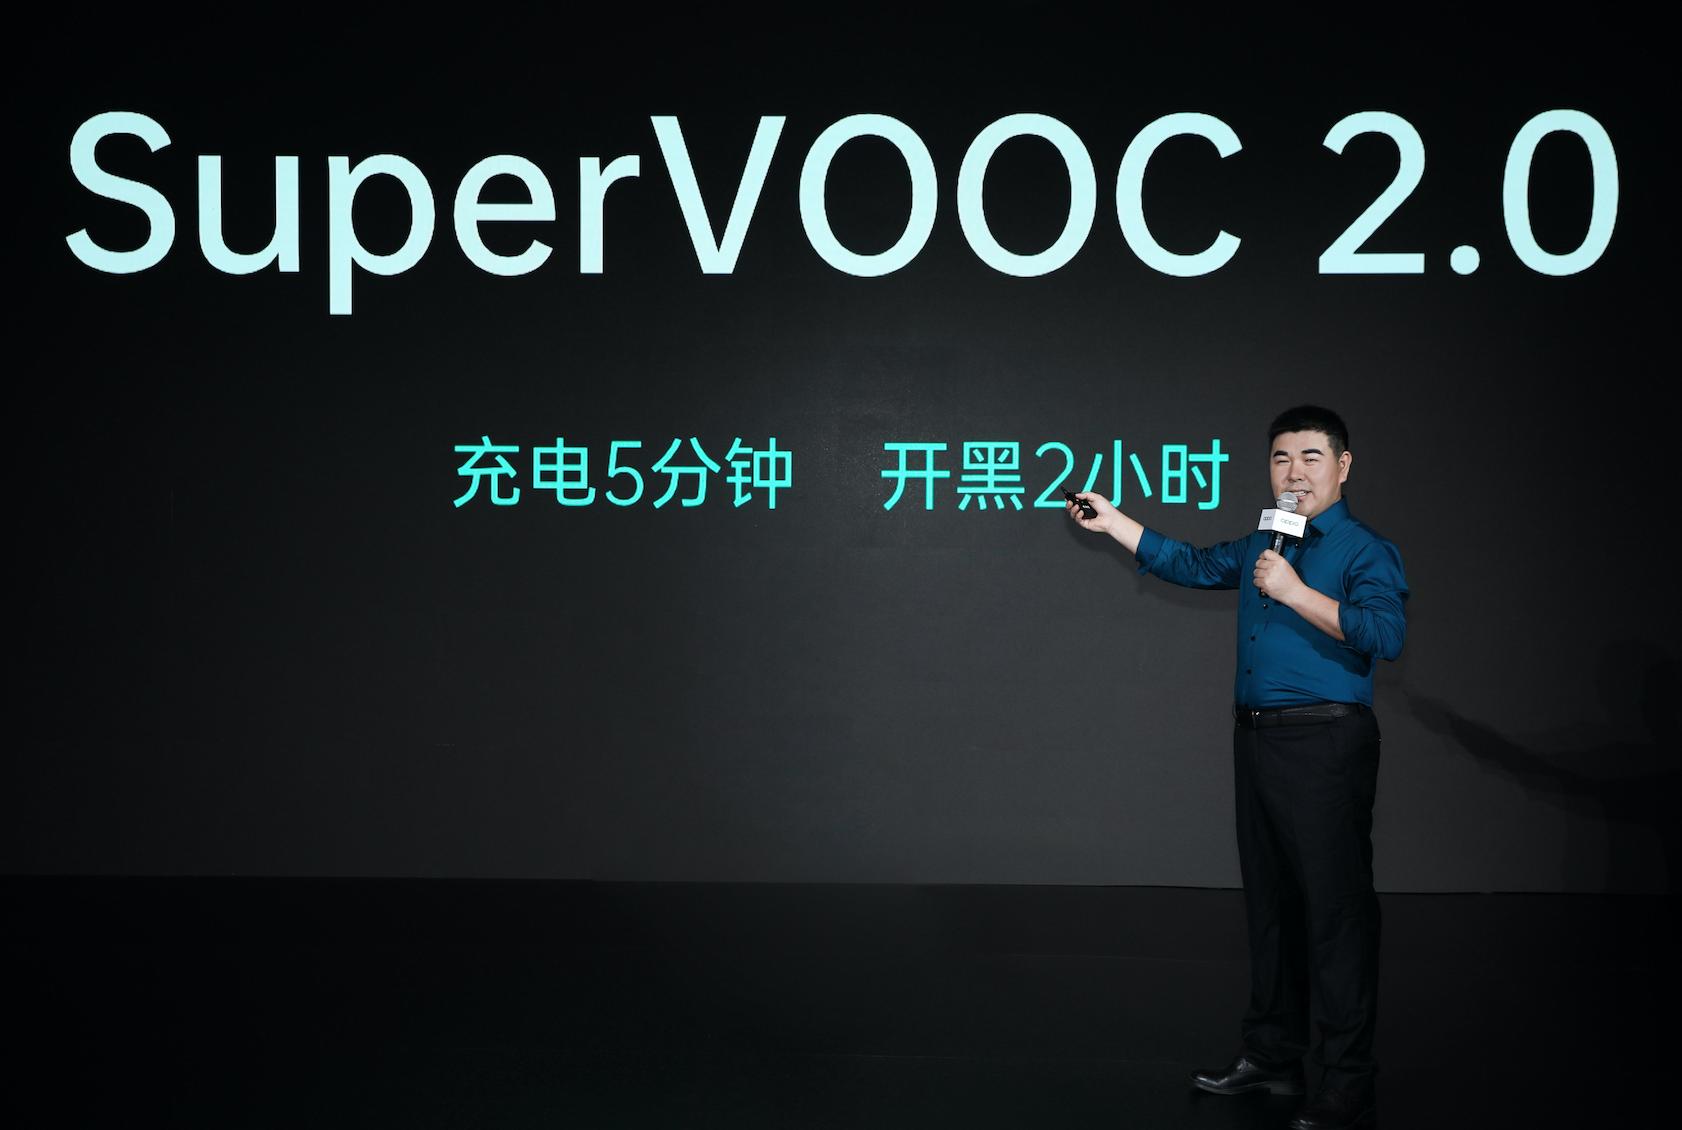 OPPO发布65W超级闪充,闪充用户已超1.45亿